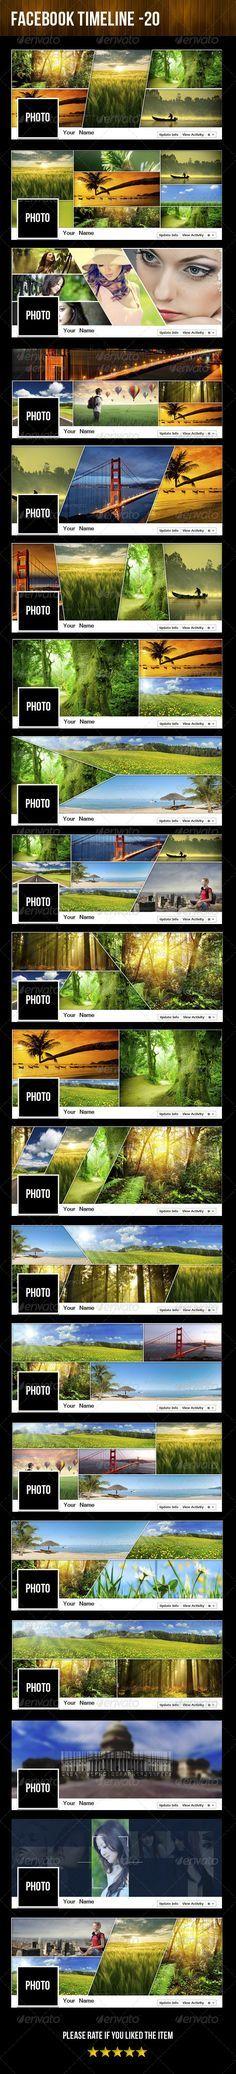 20 Facebook Timeline - Mega Pack - Facebook Timeline Covers Social Media